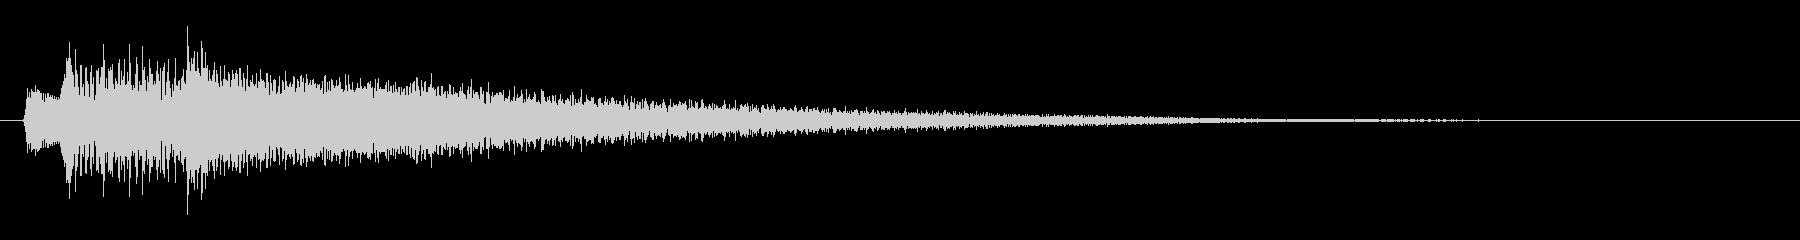 不安や疑惑を煽るピアノ効果音 ジャラーンの未再生の波形